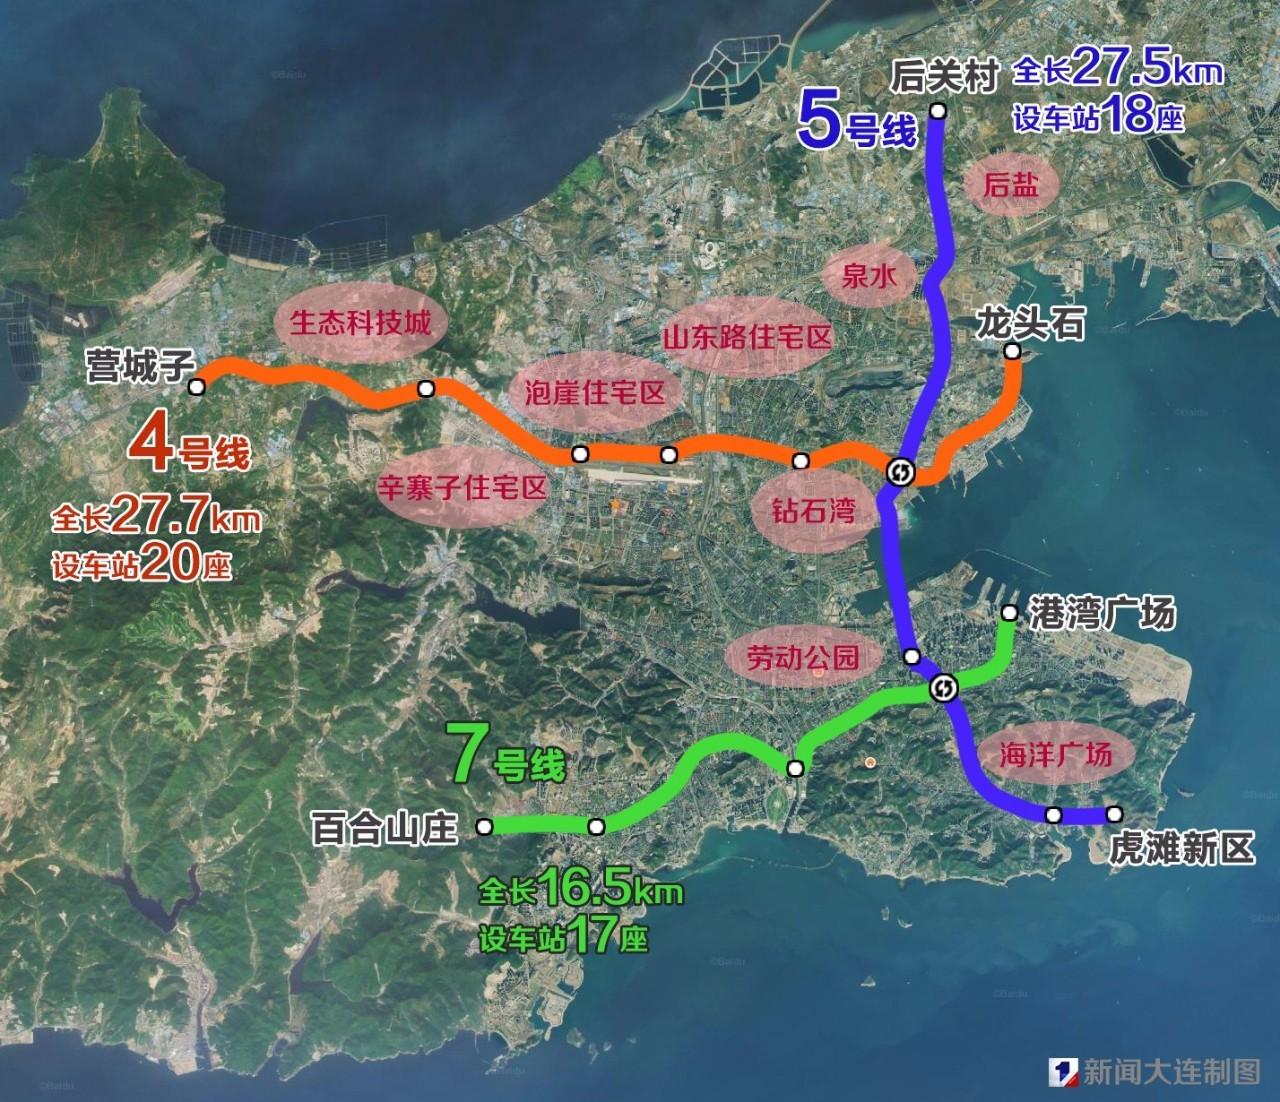 大连地铁4 5 7号线开建时间表图片 430749 1280x1102-大连地铁4号线图片